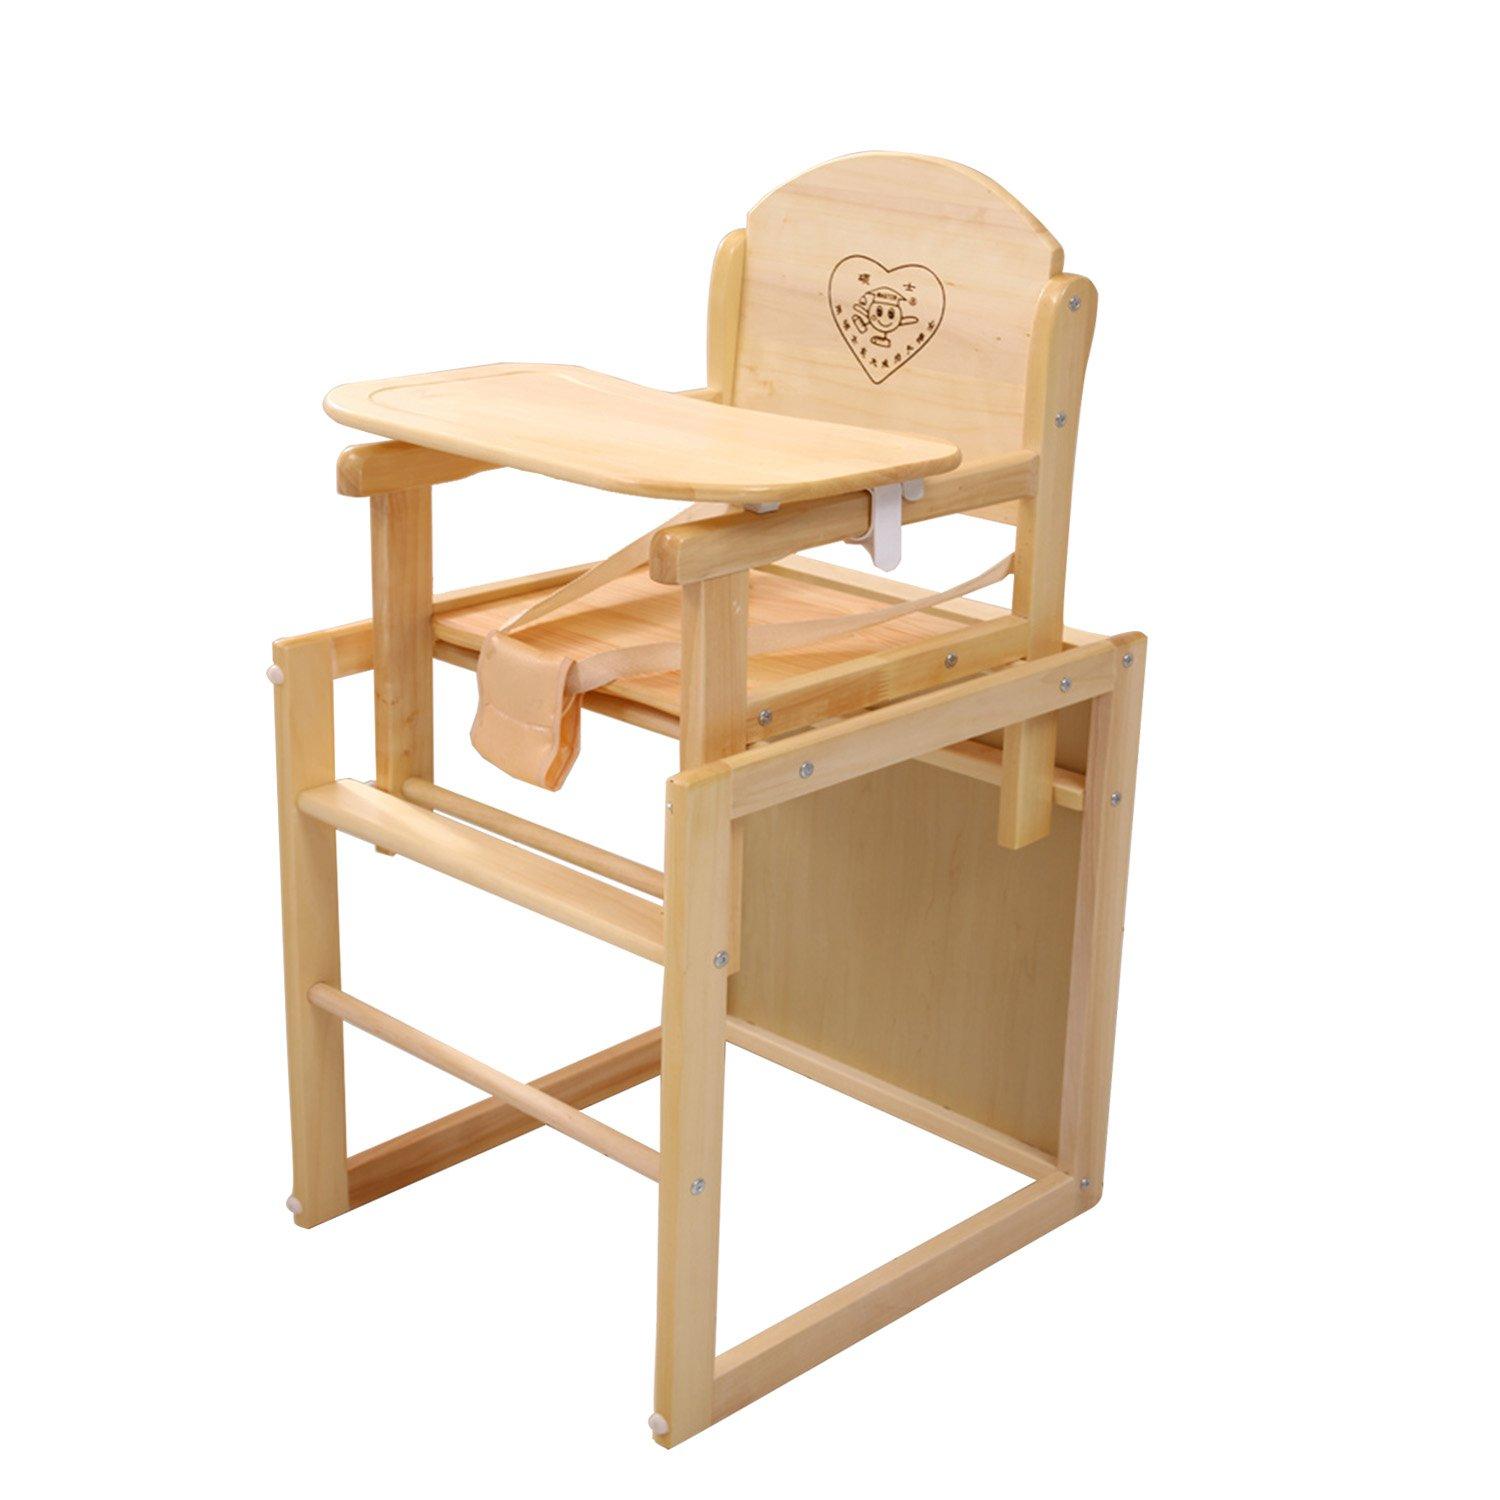 saoors 小硕士实木清漆系列组合式儿童餐椅dz-325-3图片